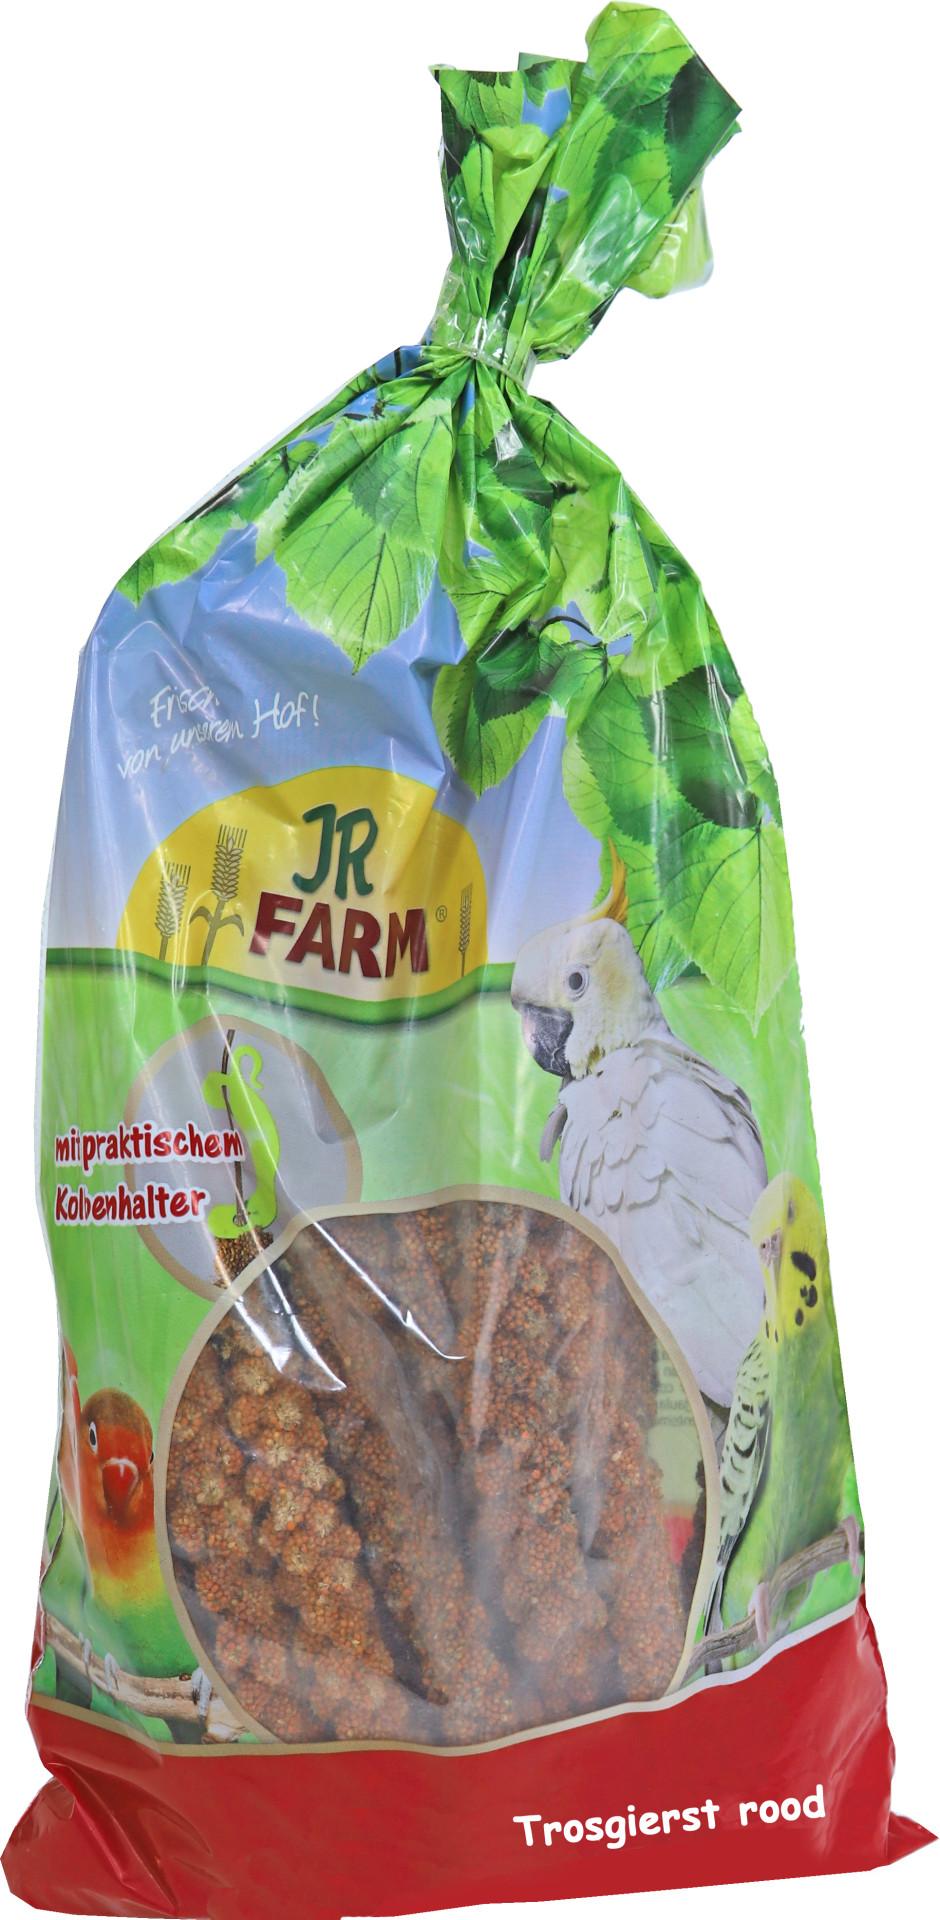 JR Farm trosgierst rood 500 gr